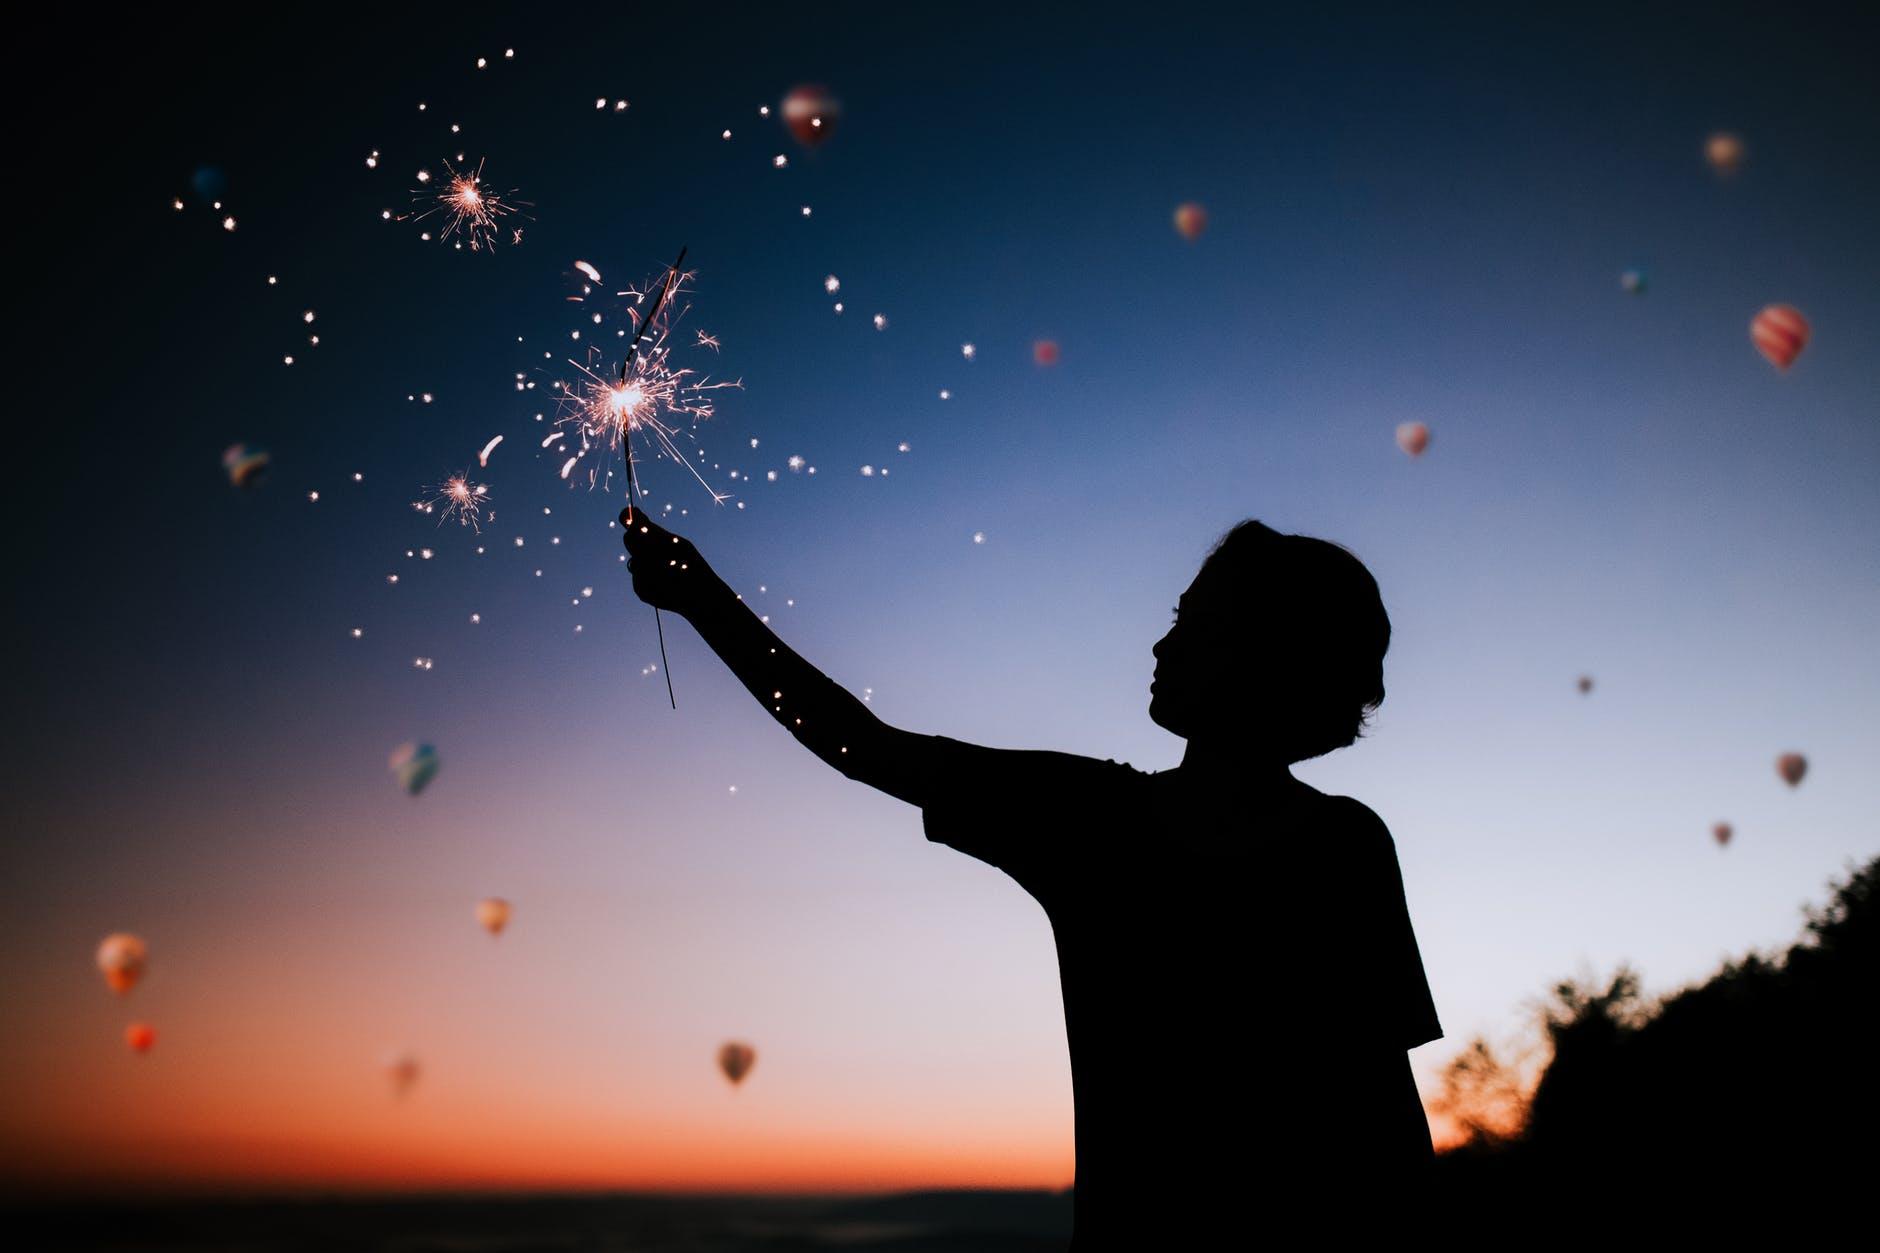 Silhueta de menino segurando um fogo de artifício aceso, a noite, com vários balões no céu ao fundo.